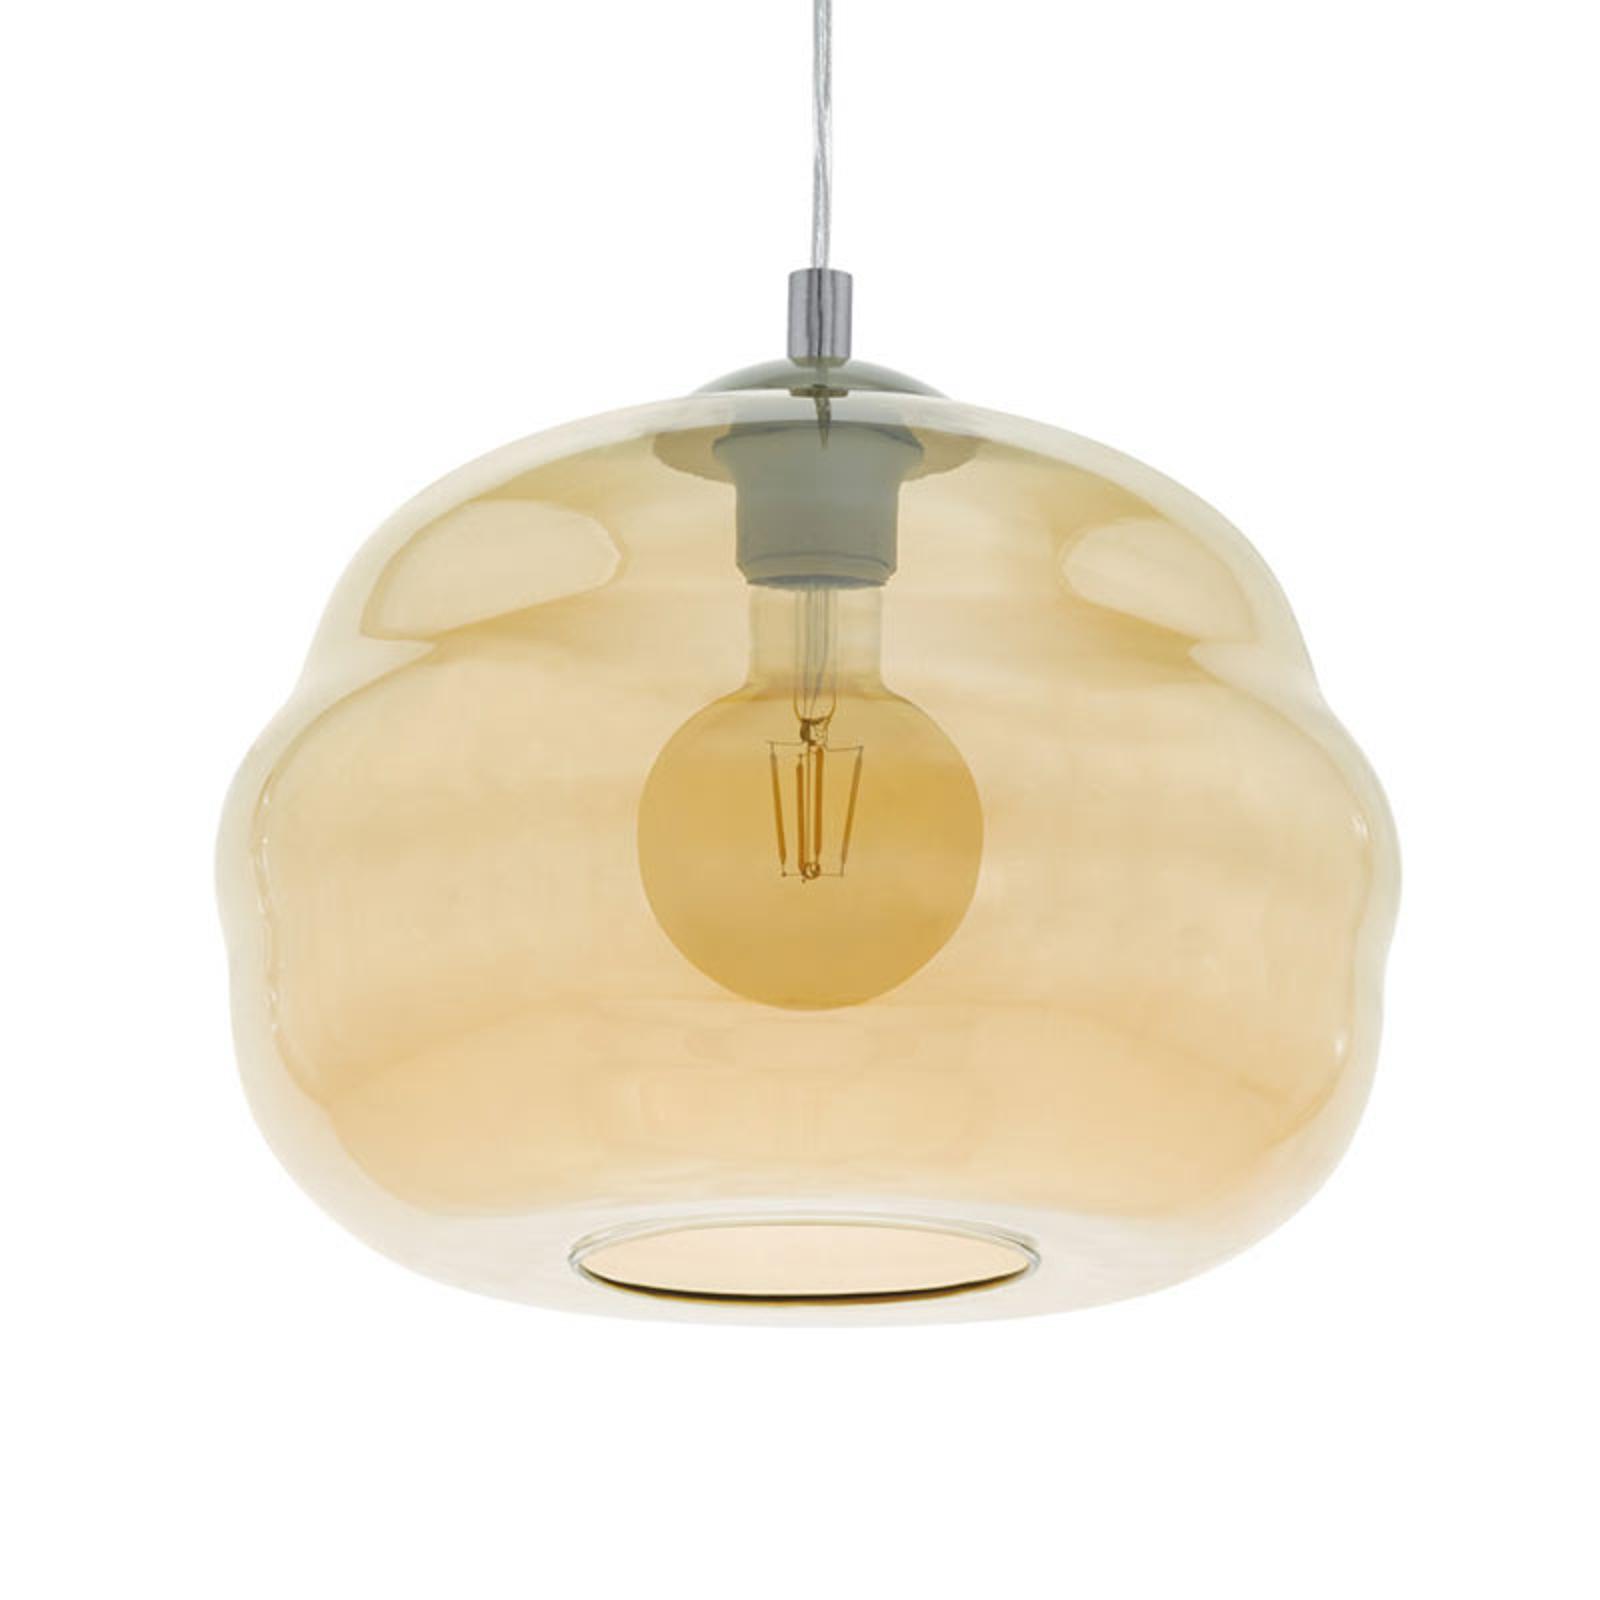 Lampa wisząca Dogato ze szklanym kloszem